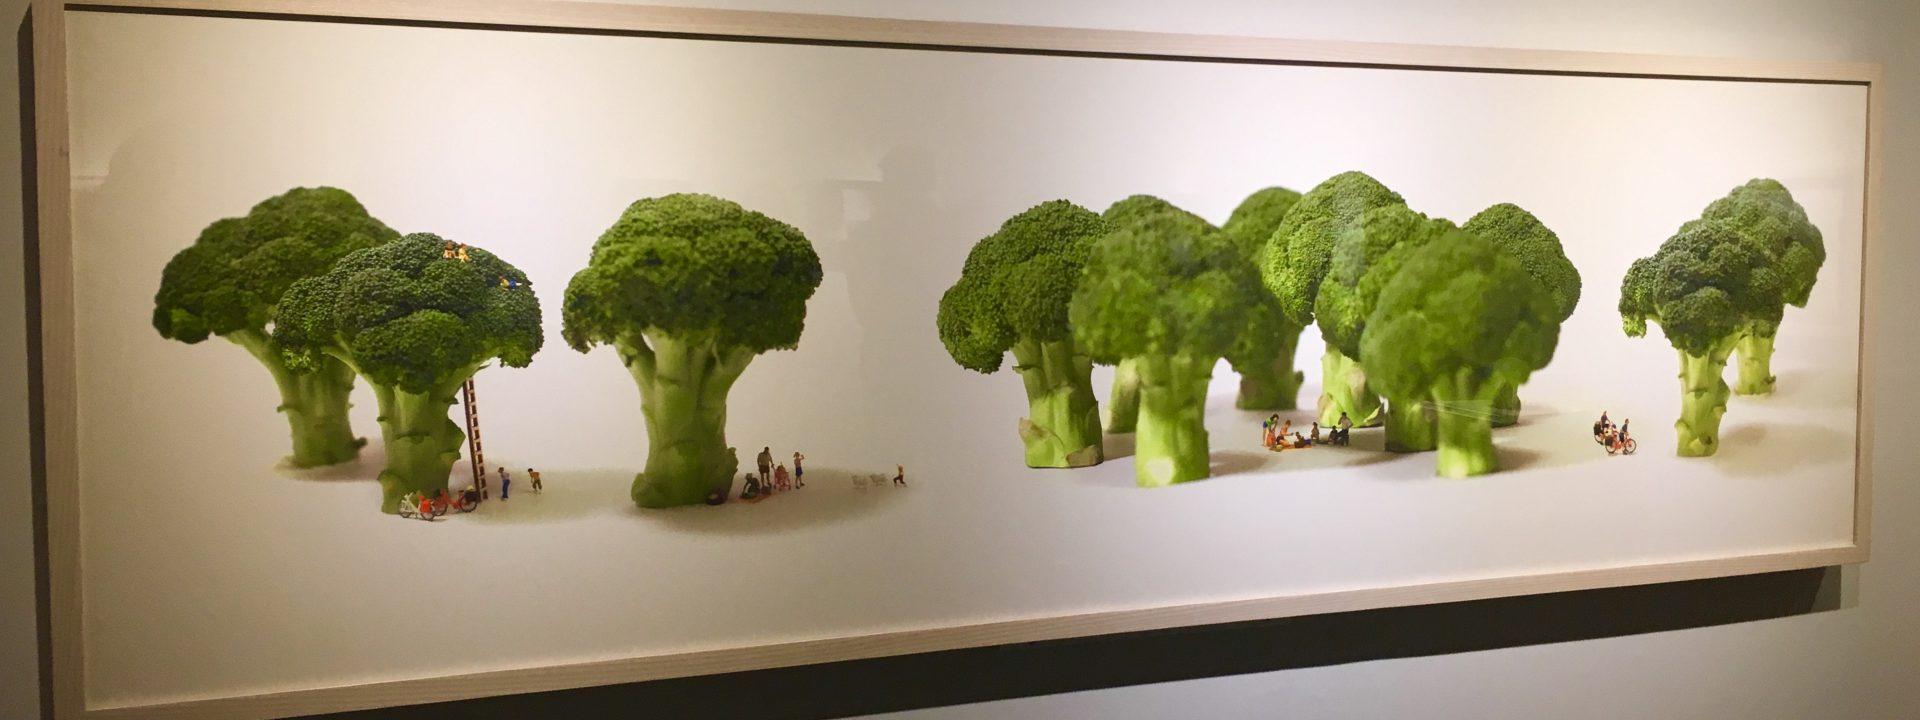 「MINIATURE LIFE展」田中達也 見立ての世界